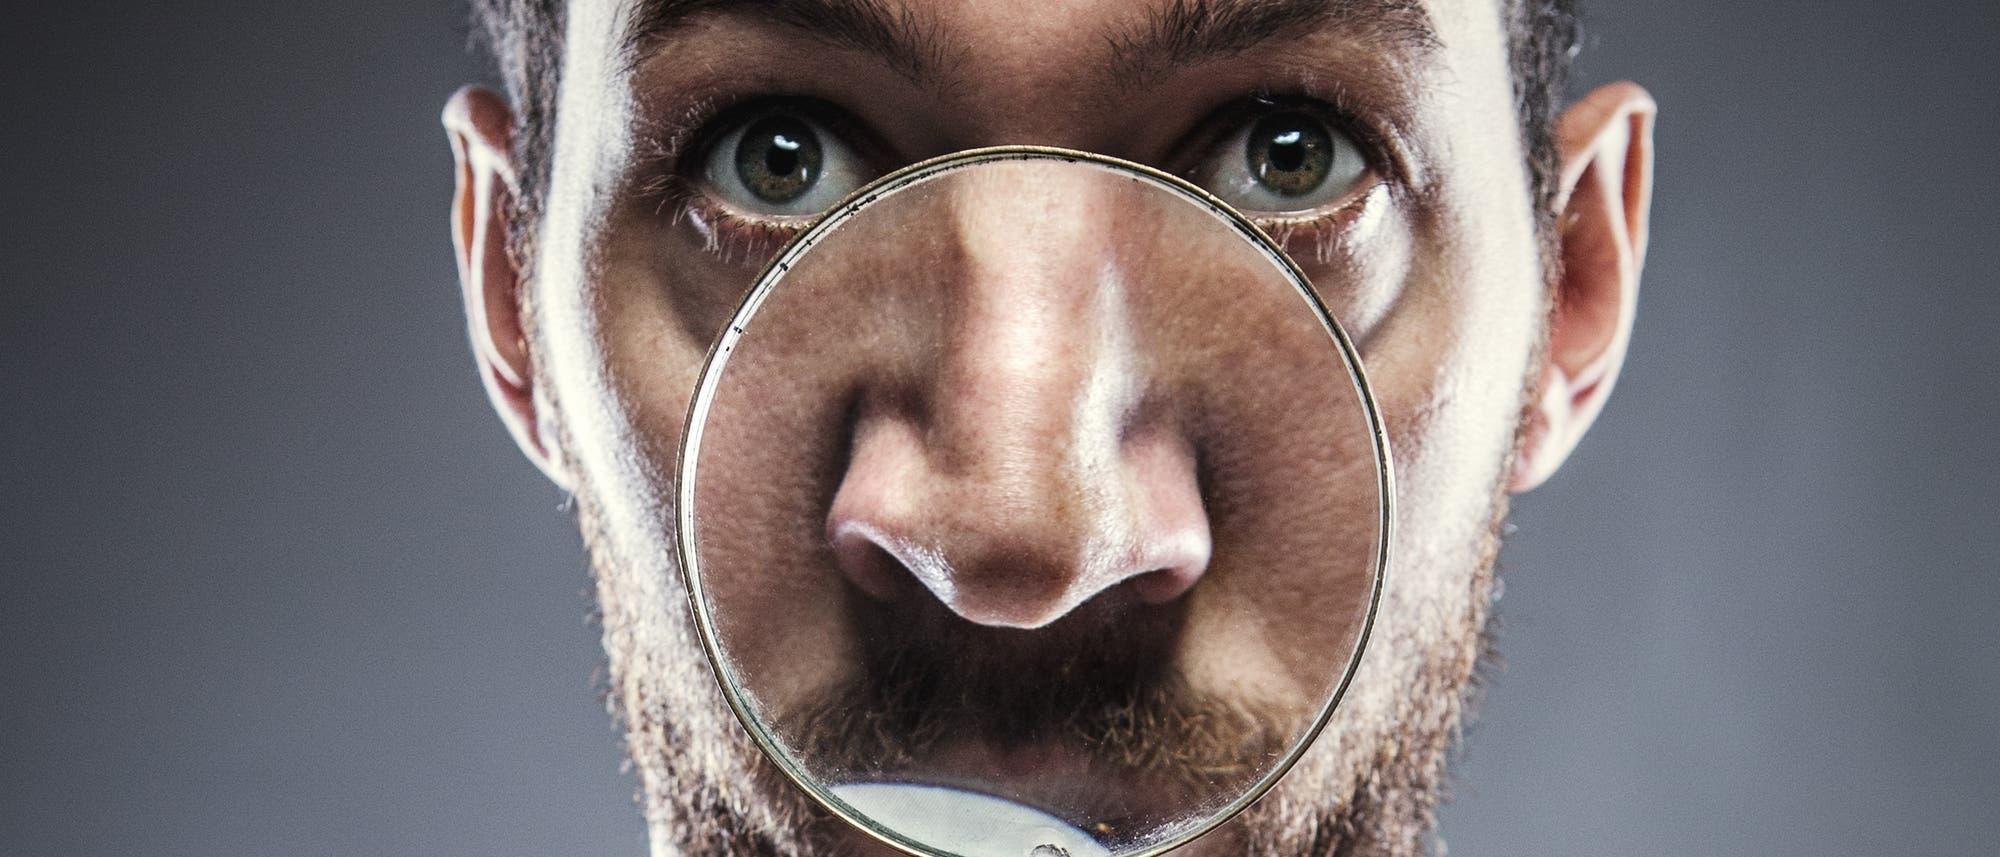 Vergrößerte Nase